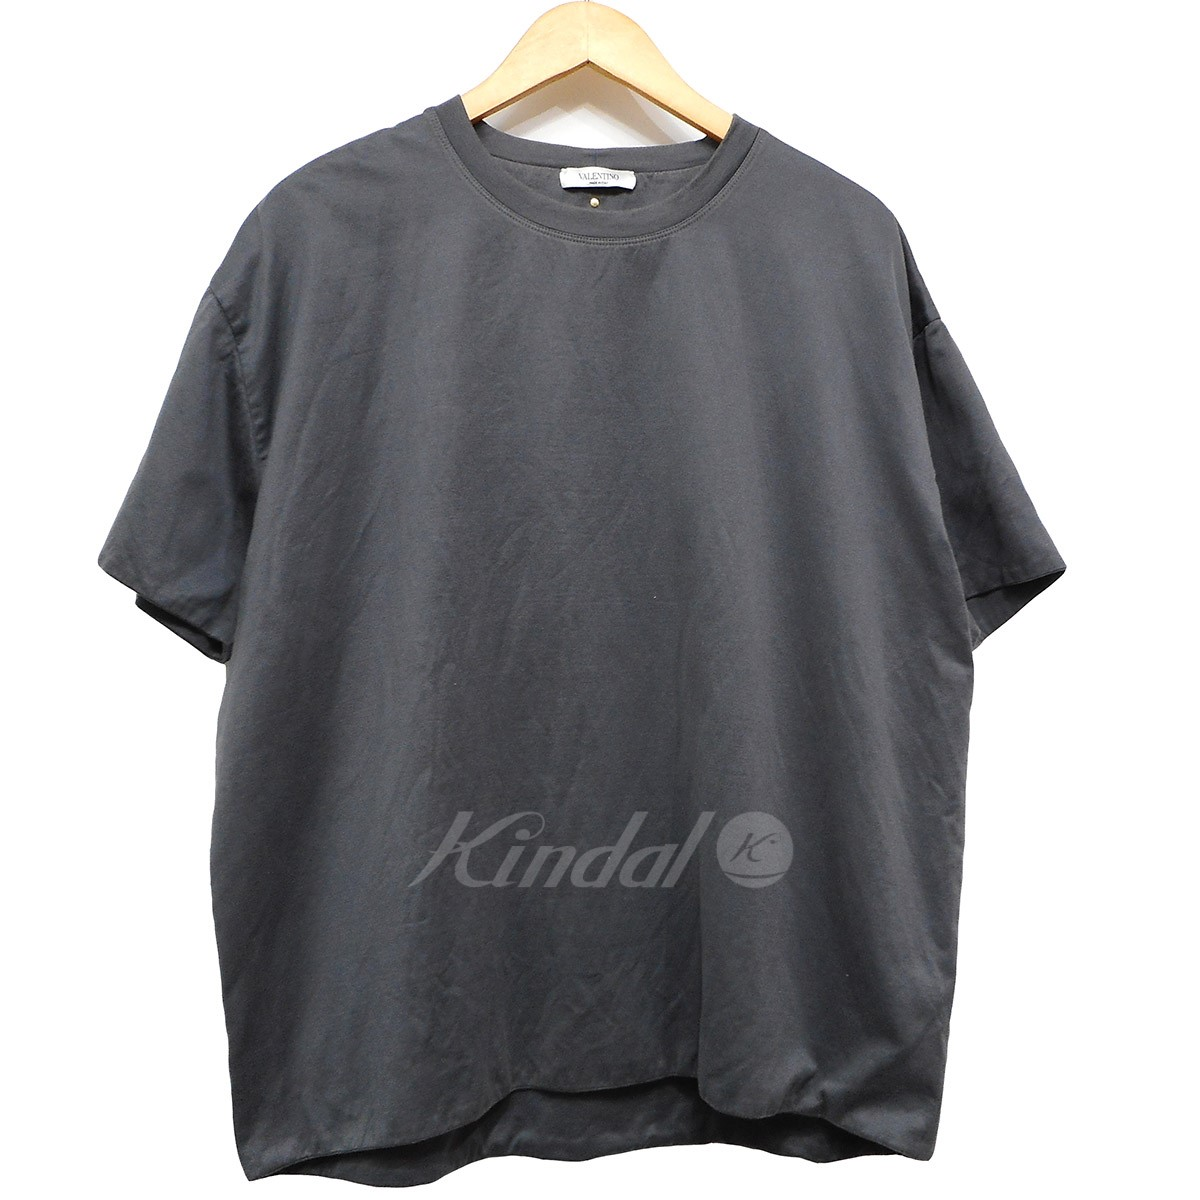 【中古】VALENTINO ロックスタッズダブルフェイスTシャツ チャコールグレー サイズ:L 【180519】(ヴァレンチノ)